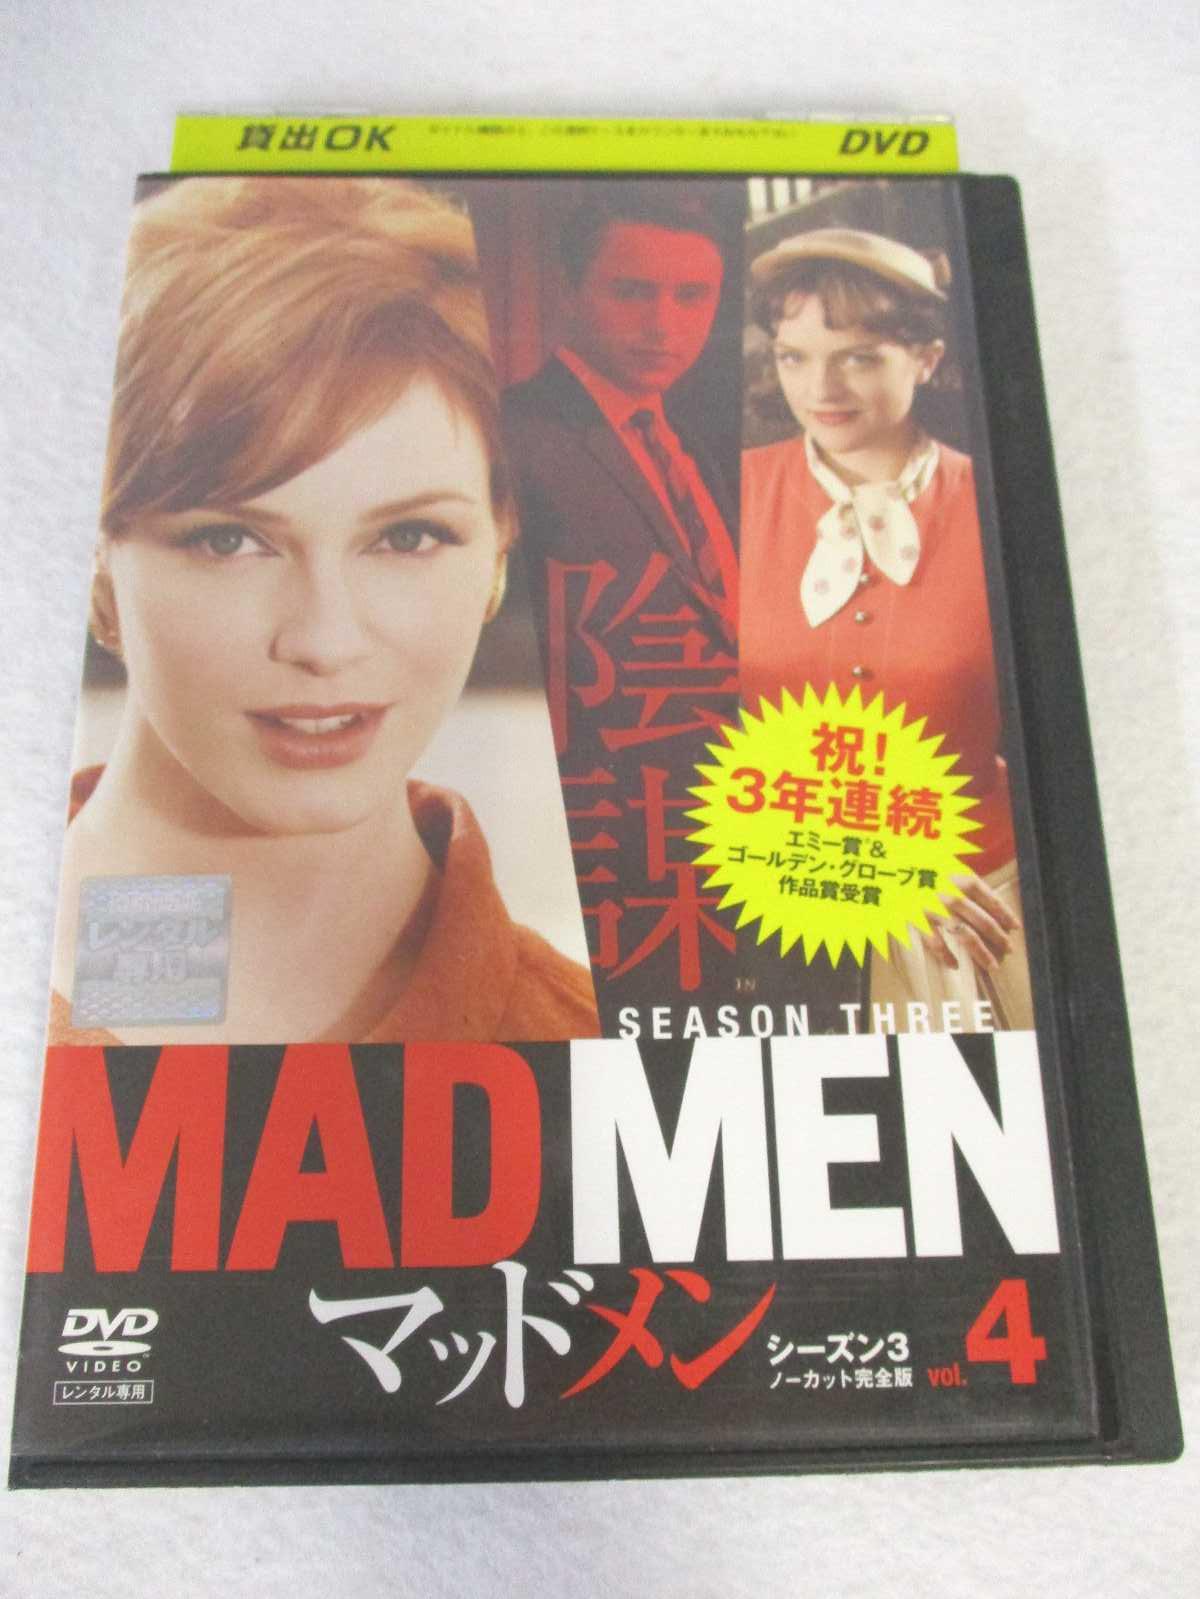 今季も再入荷 世界が狂い始めた1963年ニューヨーク よりダークで危険な男女のドラマが 再び動き出す AD08127 中古 ノーカット完全版 vol.4 シーズン3 マッドメン 安心の実績 高価 買取 強化中 DVD